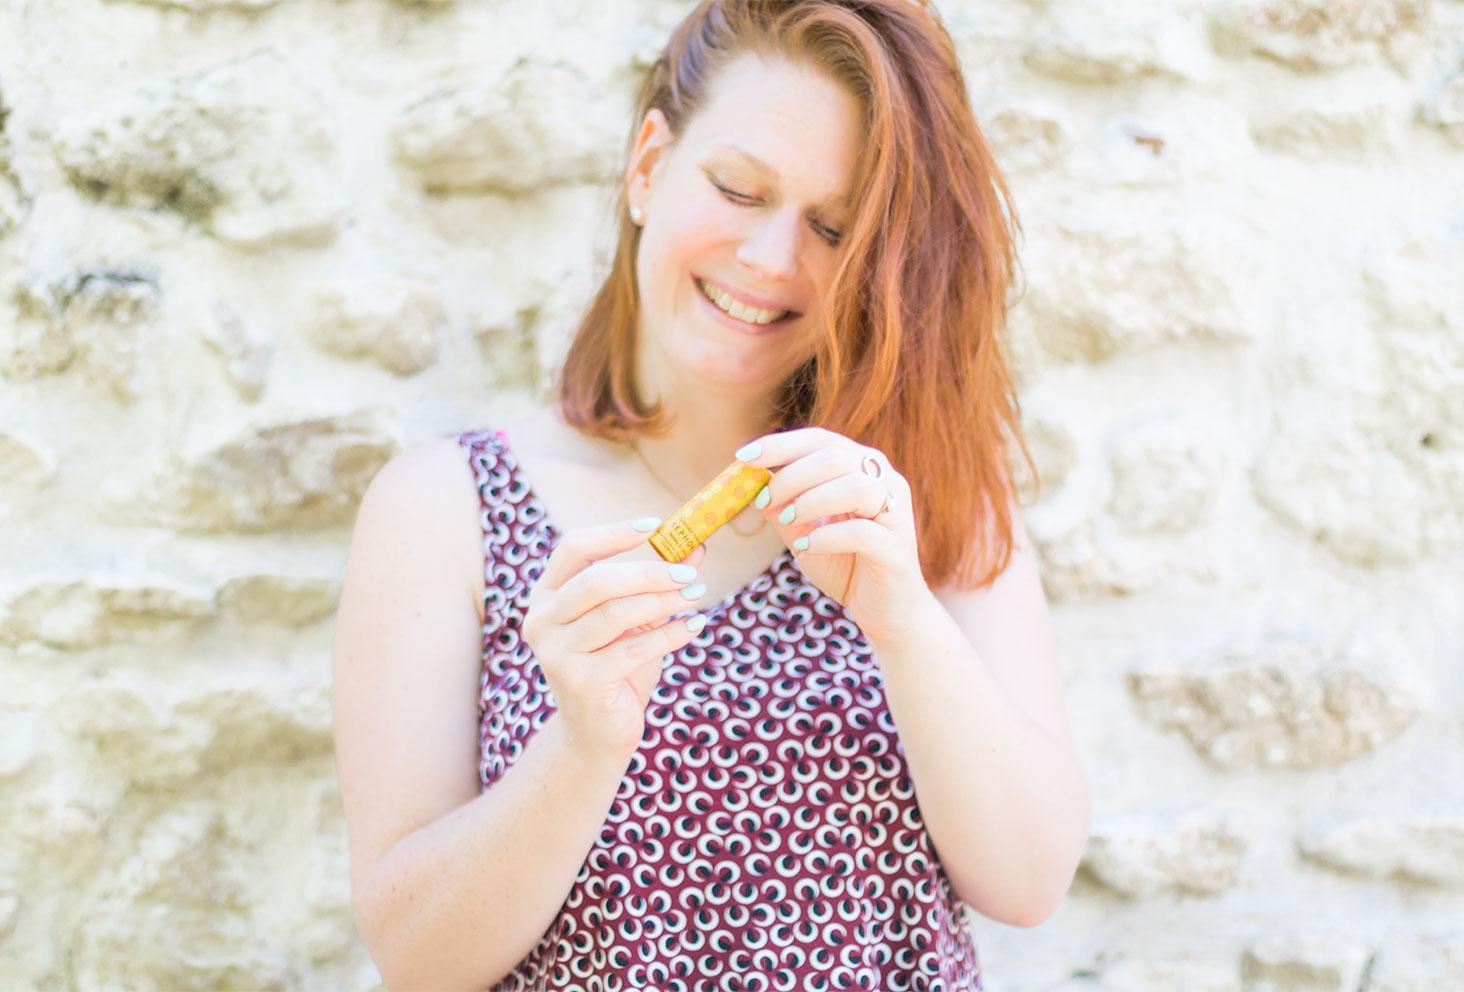 Présentation du gommage pour les lèvres au miel de la marque Sephora